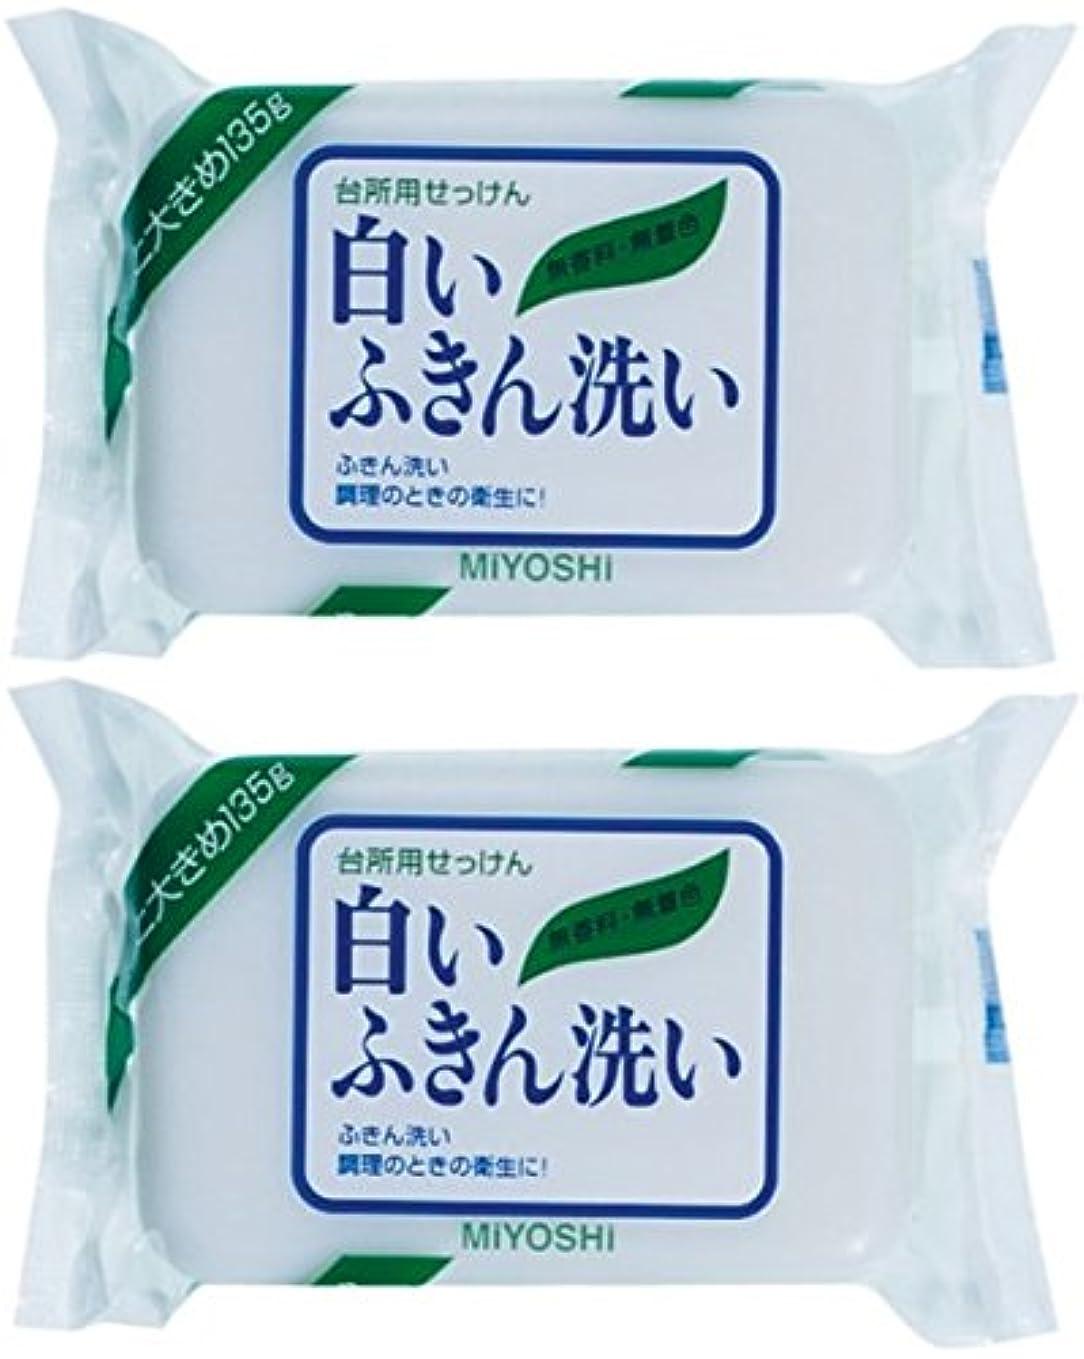 ドロータイヤ船尾【まとめ買い】ミヨシ 白いふきん洗い せっけん 135g ×2セット